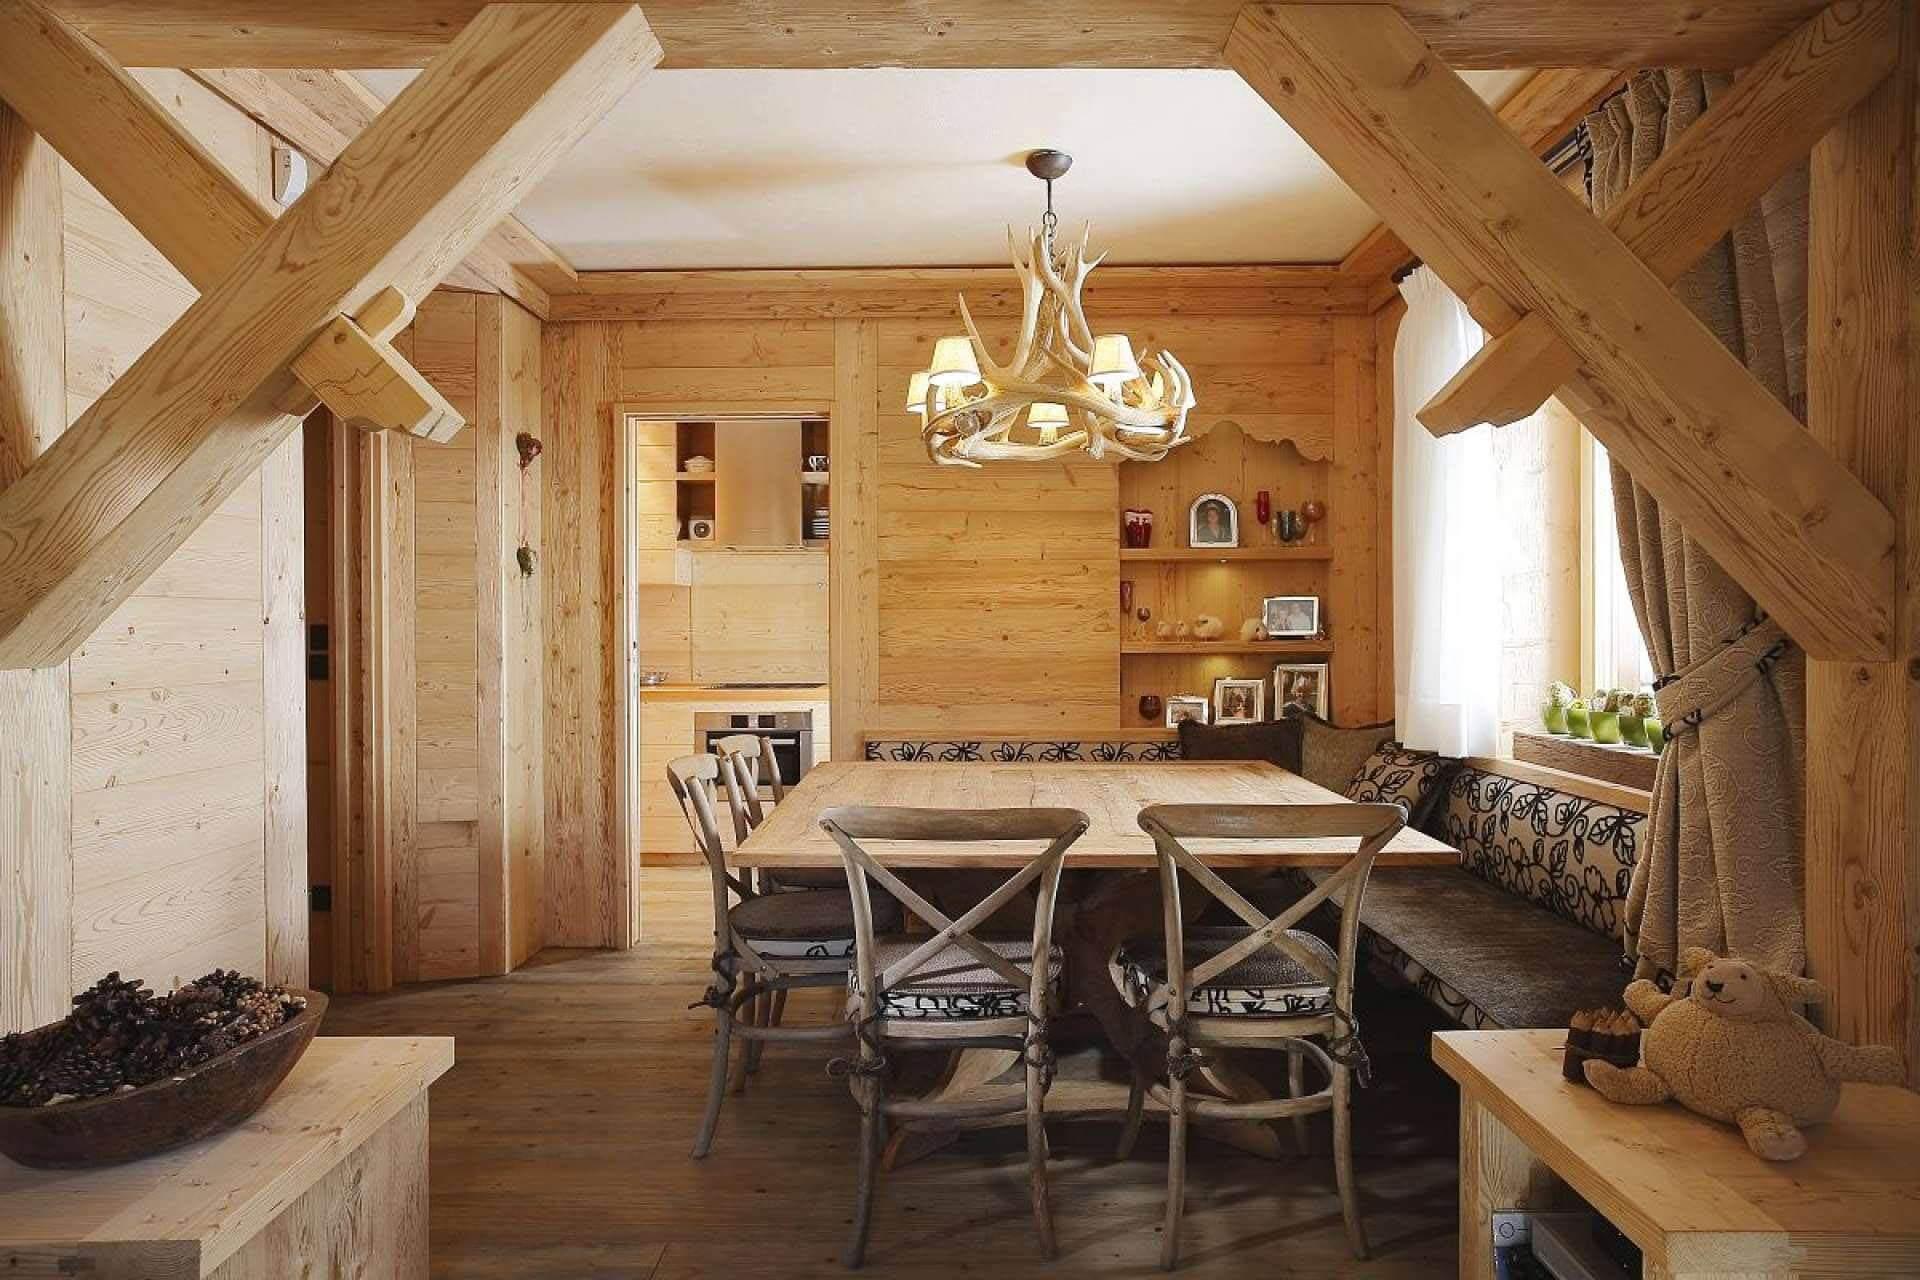 Пример интерьера деревянного дома в рустикальном стиле